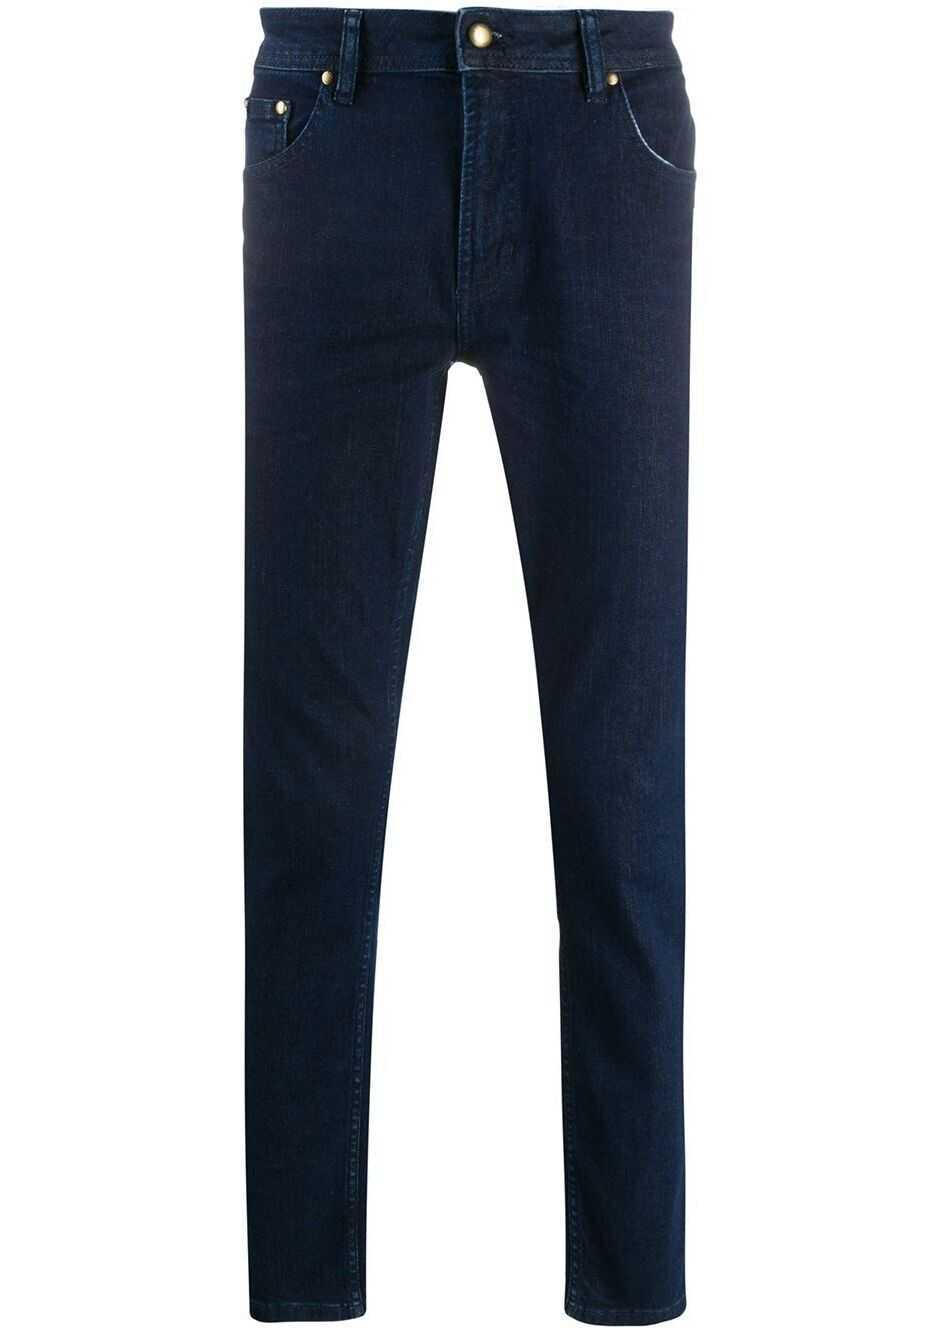 Versace Jeans Cotton Jeans BLUE